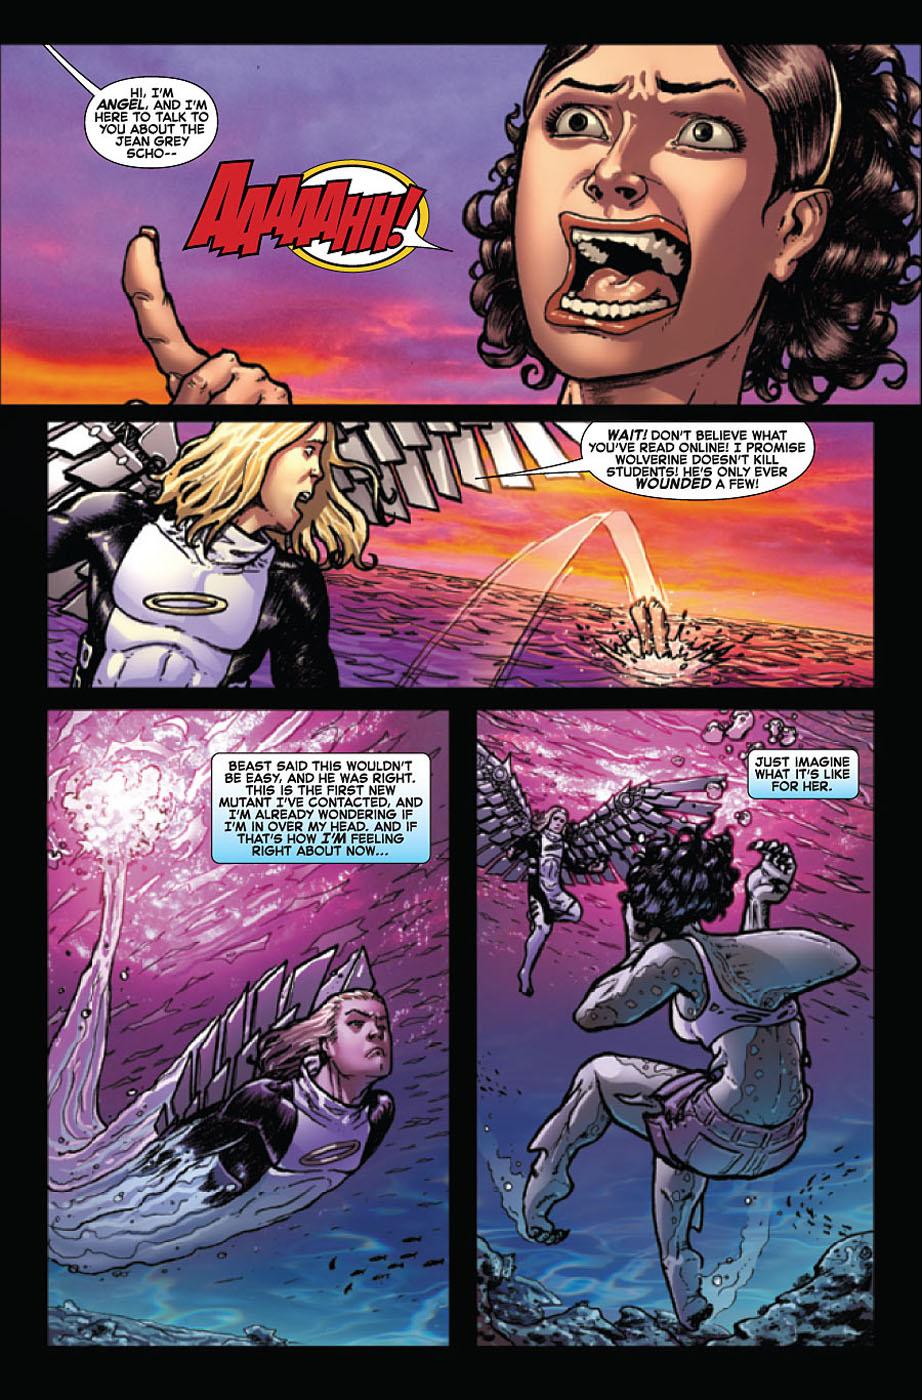 Wolverine and the X-men 20 Wolverinexmen202